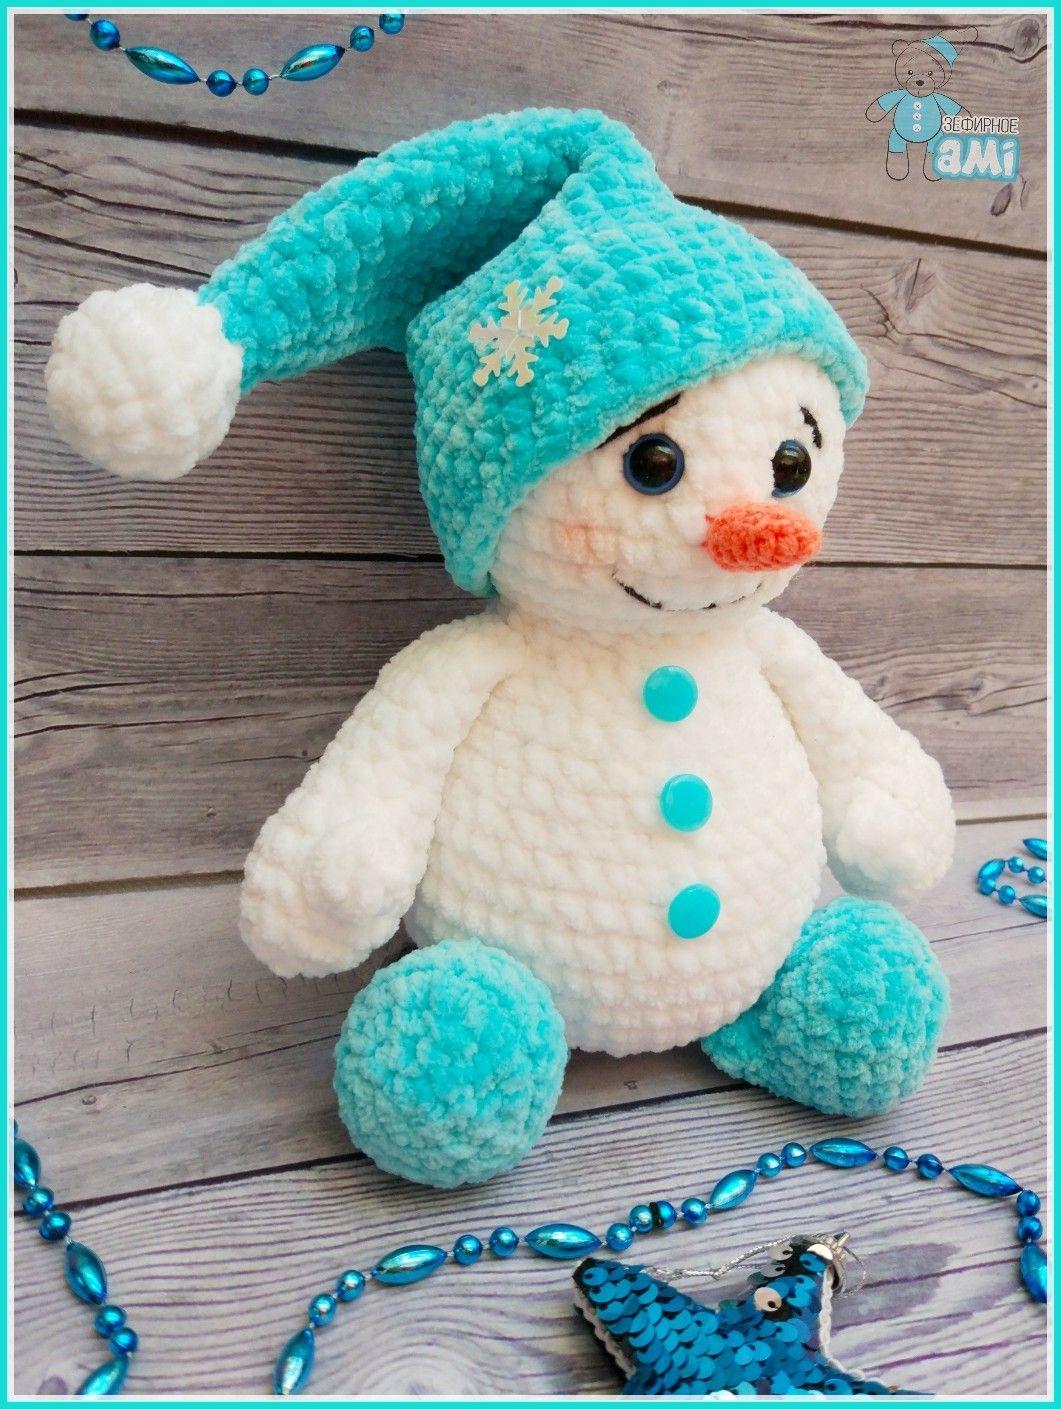 FREE PATTERN   Merhaba sevgili amigurumi severler,   Bu sevimli kardan adamı Rusça tarifinden çeviri yaptım   Yaklaşık 25 cm.   bu güzel t... #amigurumi